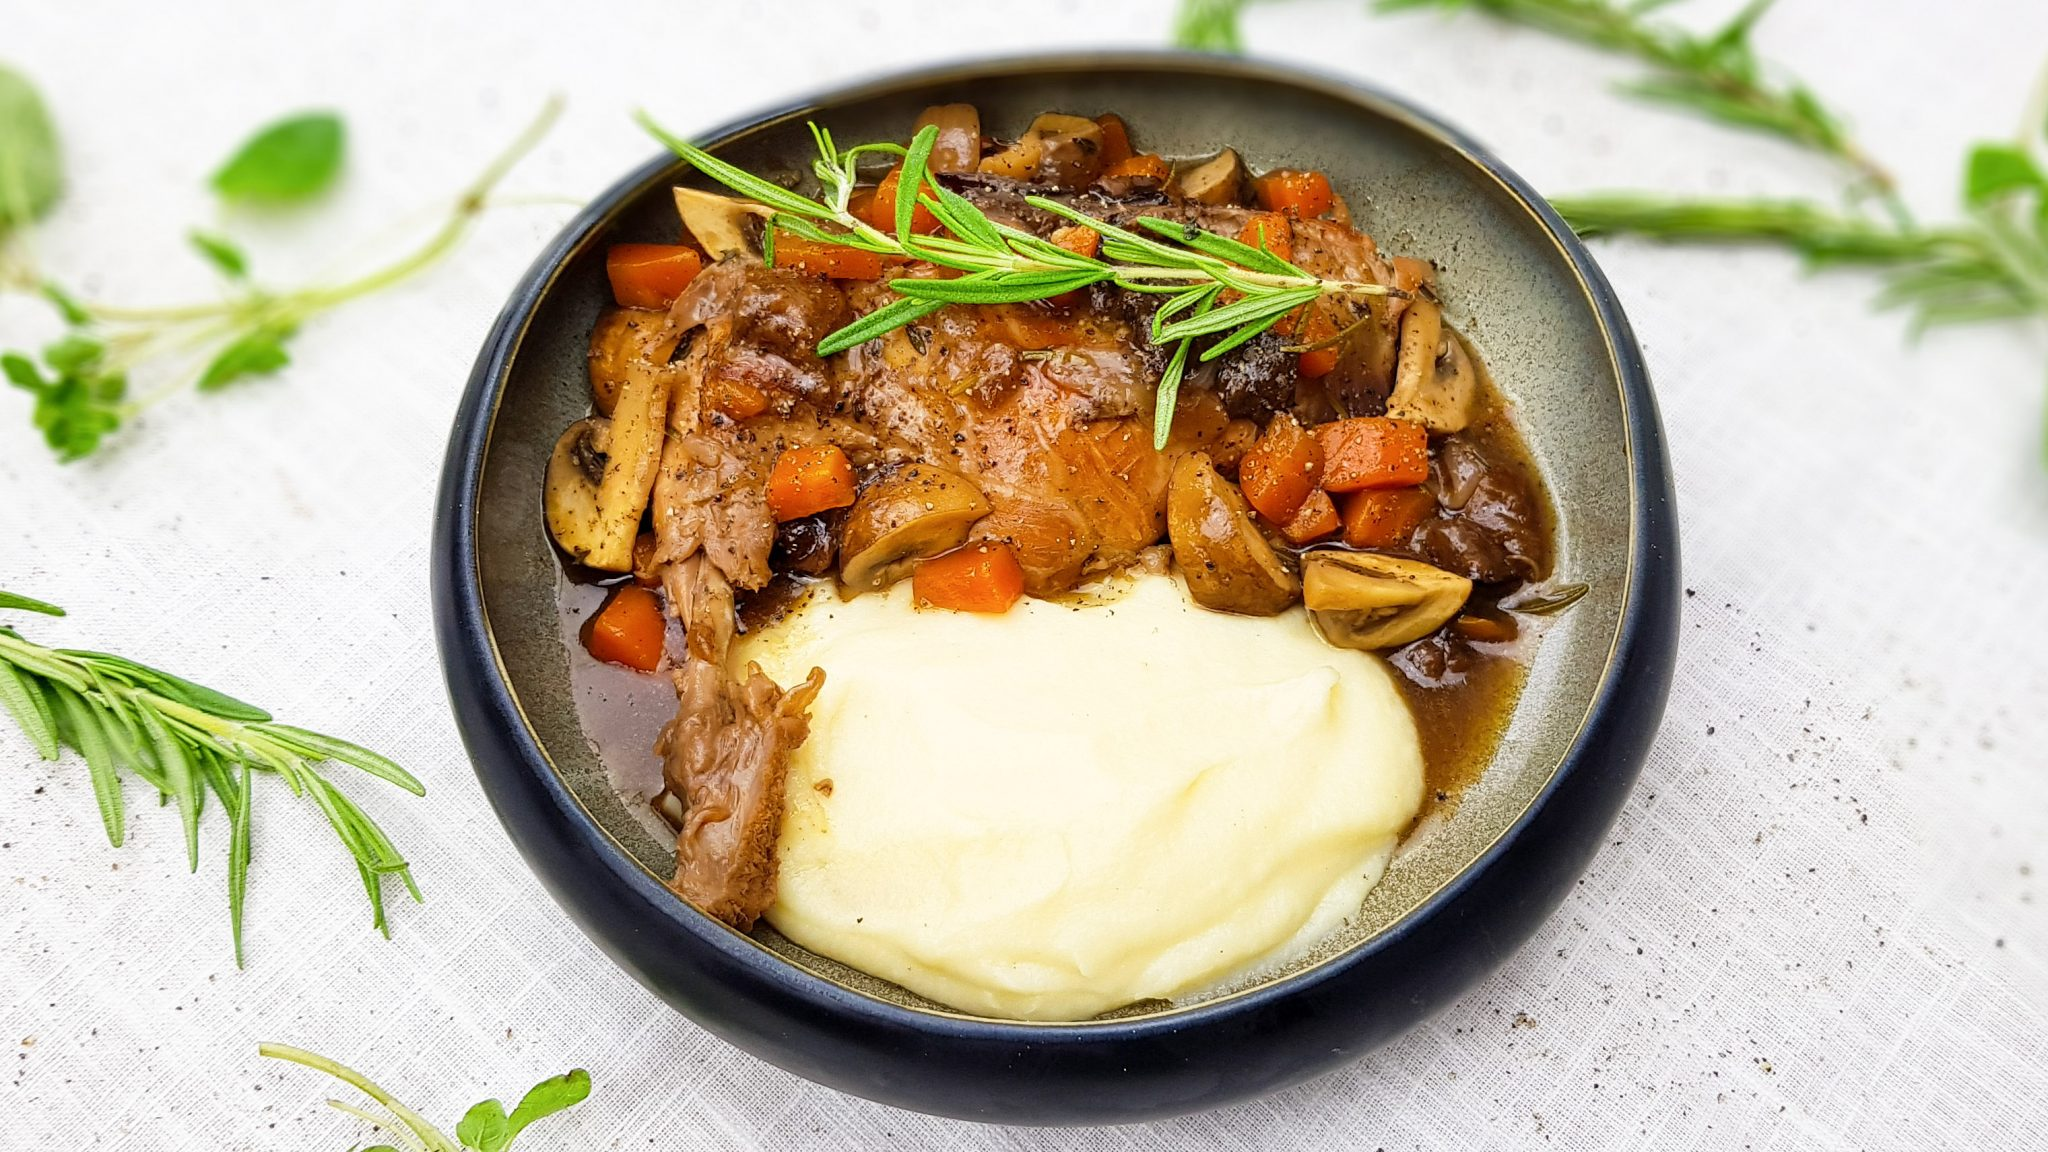 Gestoofde konijnenbouten met wortel, pruimen en champignons & pastinaakpuree